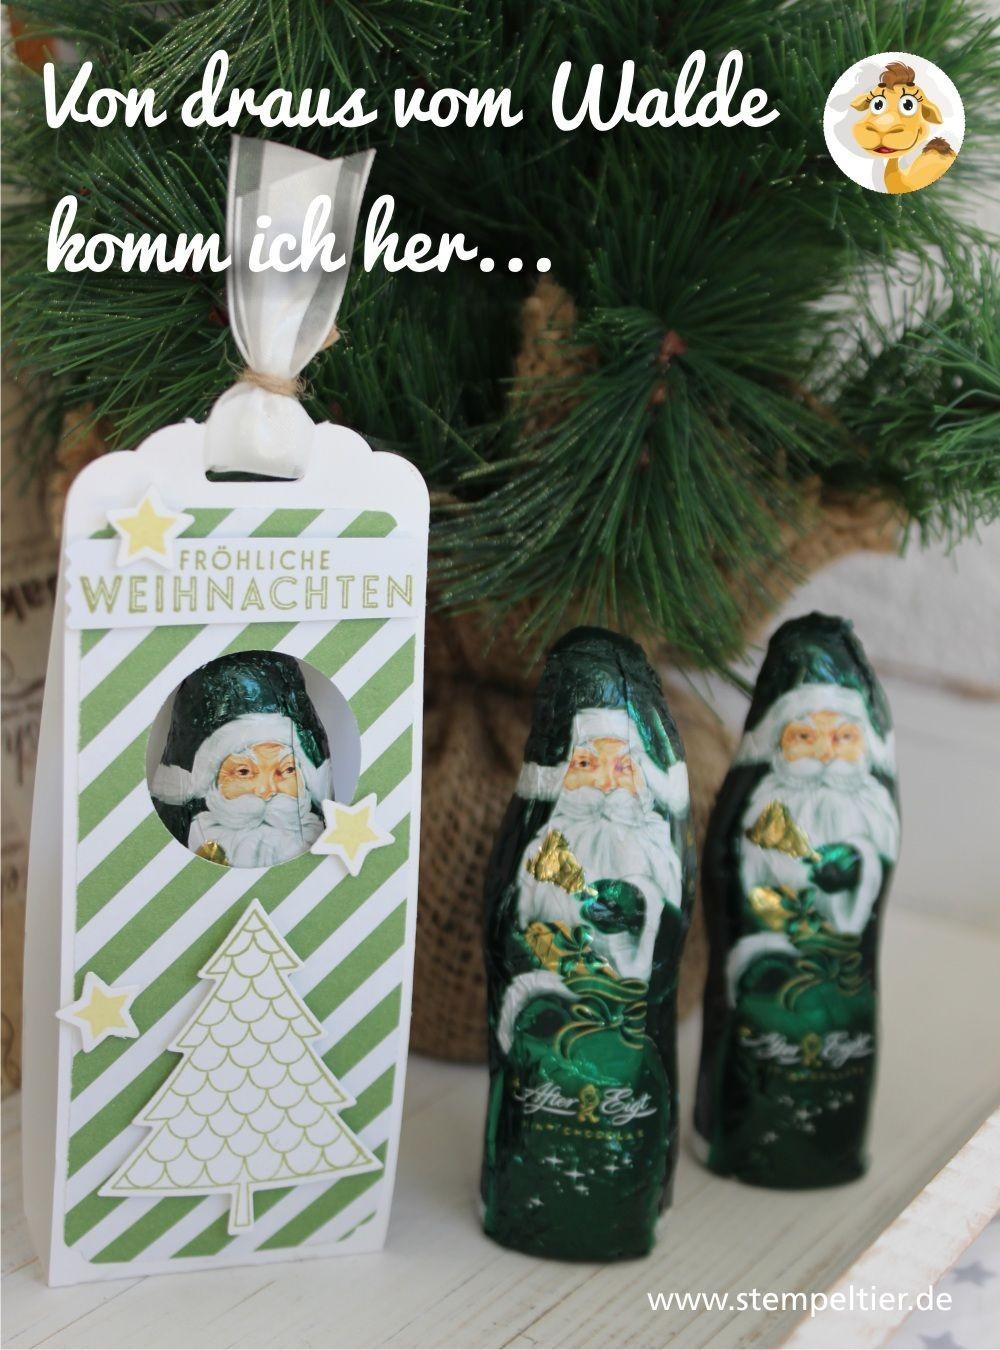 Christmas Papercraft Von Draus Vom Walde Komm Ich Her